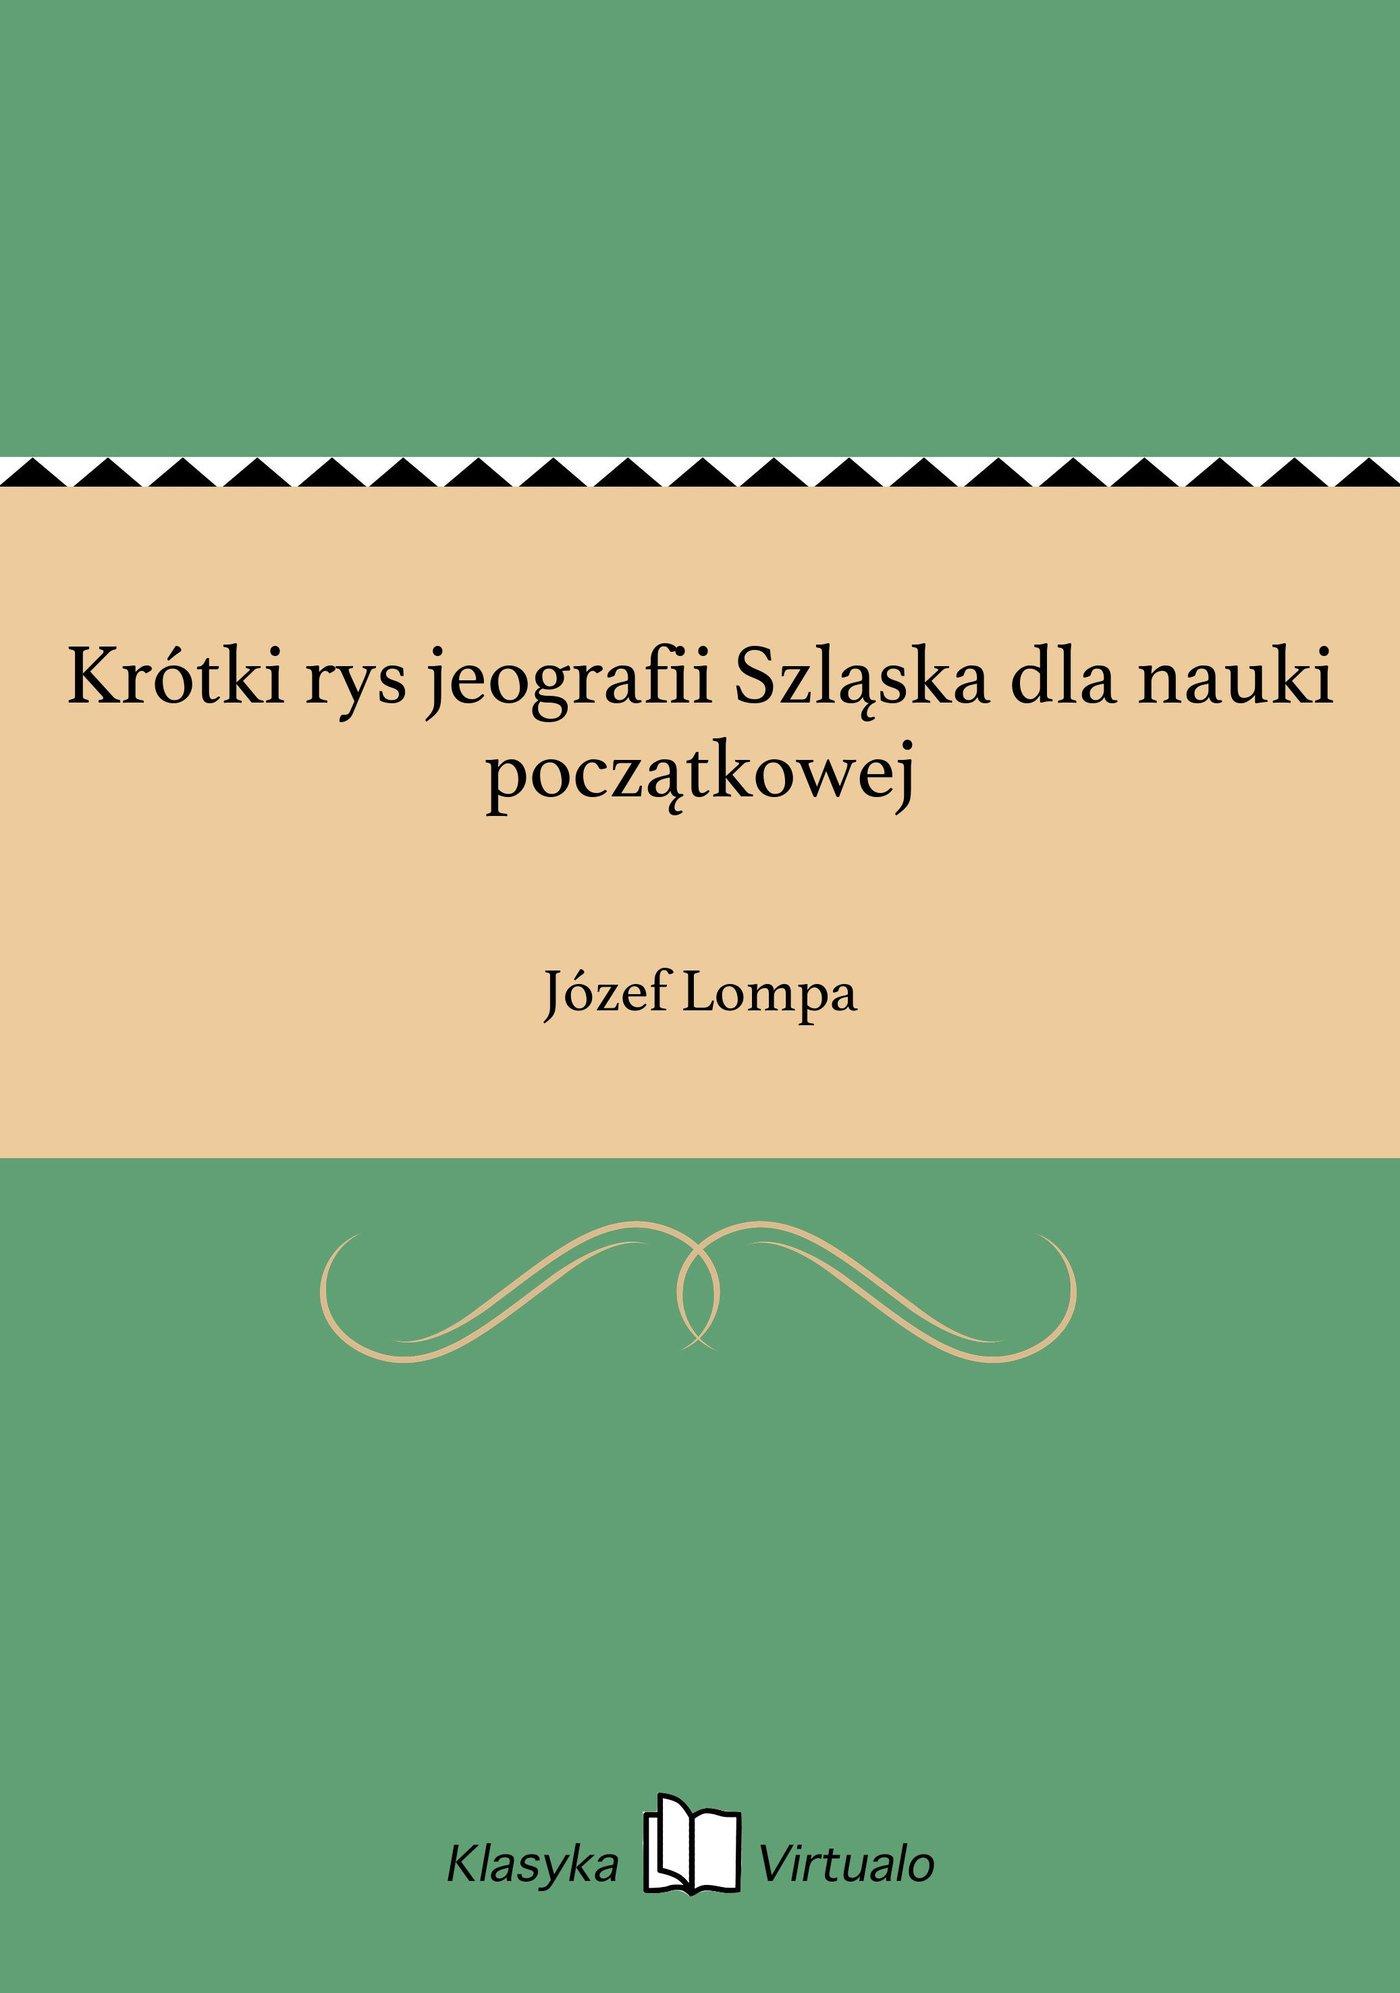 Krótki rys jeografii Szląska dla nauki początkowej - Ebook (Książka EPUB) do pobrania w formacie EPUB